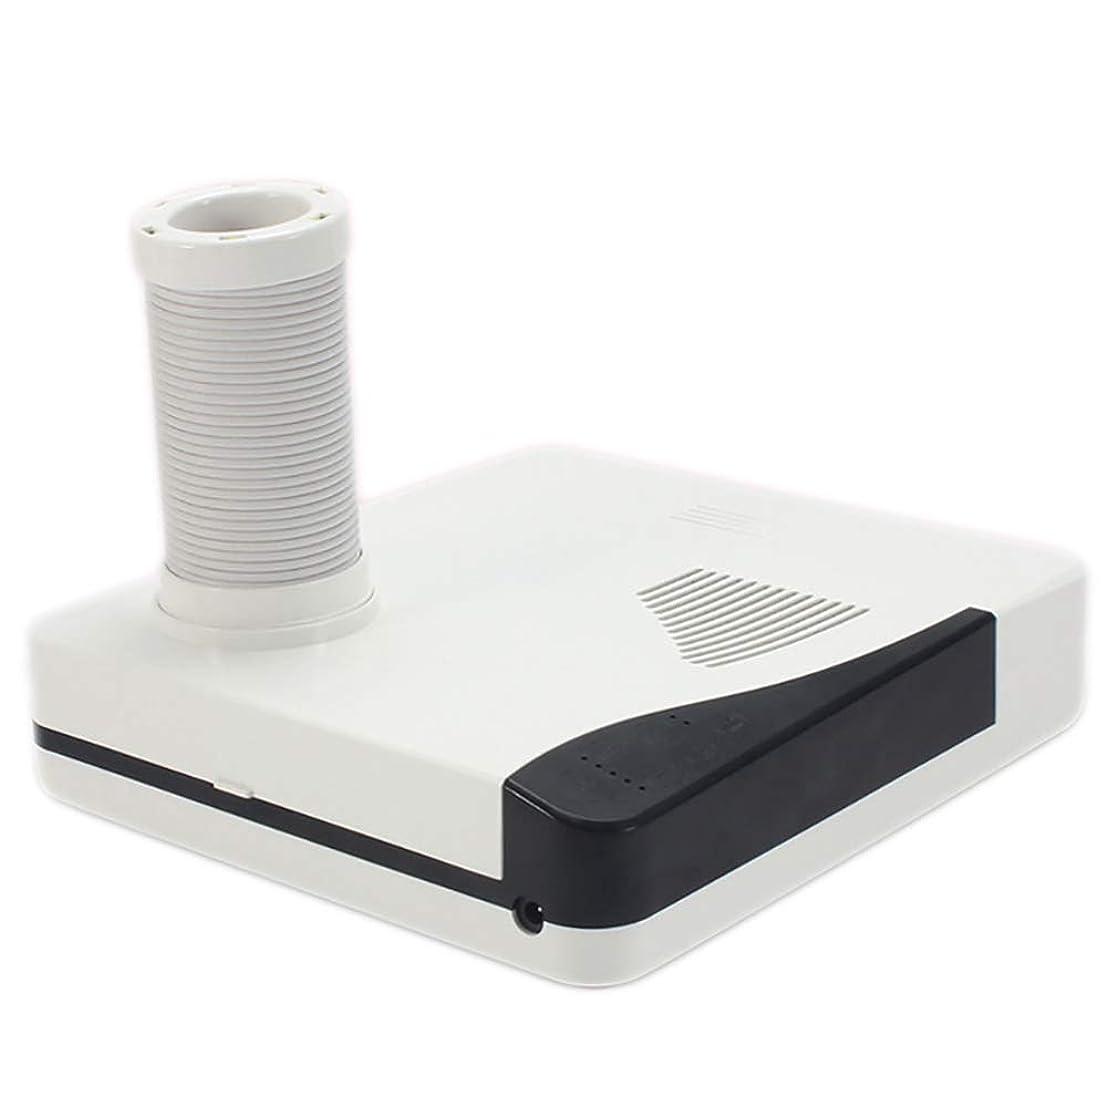 交流する速度未来1つの釘機械に付き4つ、多機能の釘の芸術装置、家のマニキュア用具のための電気スタンドが付いている釘のファイルドリルの釘の集じん器の掃除機機械、